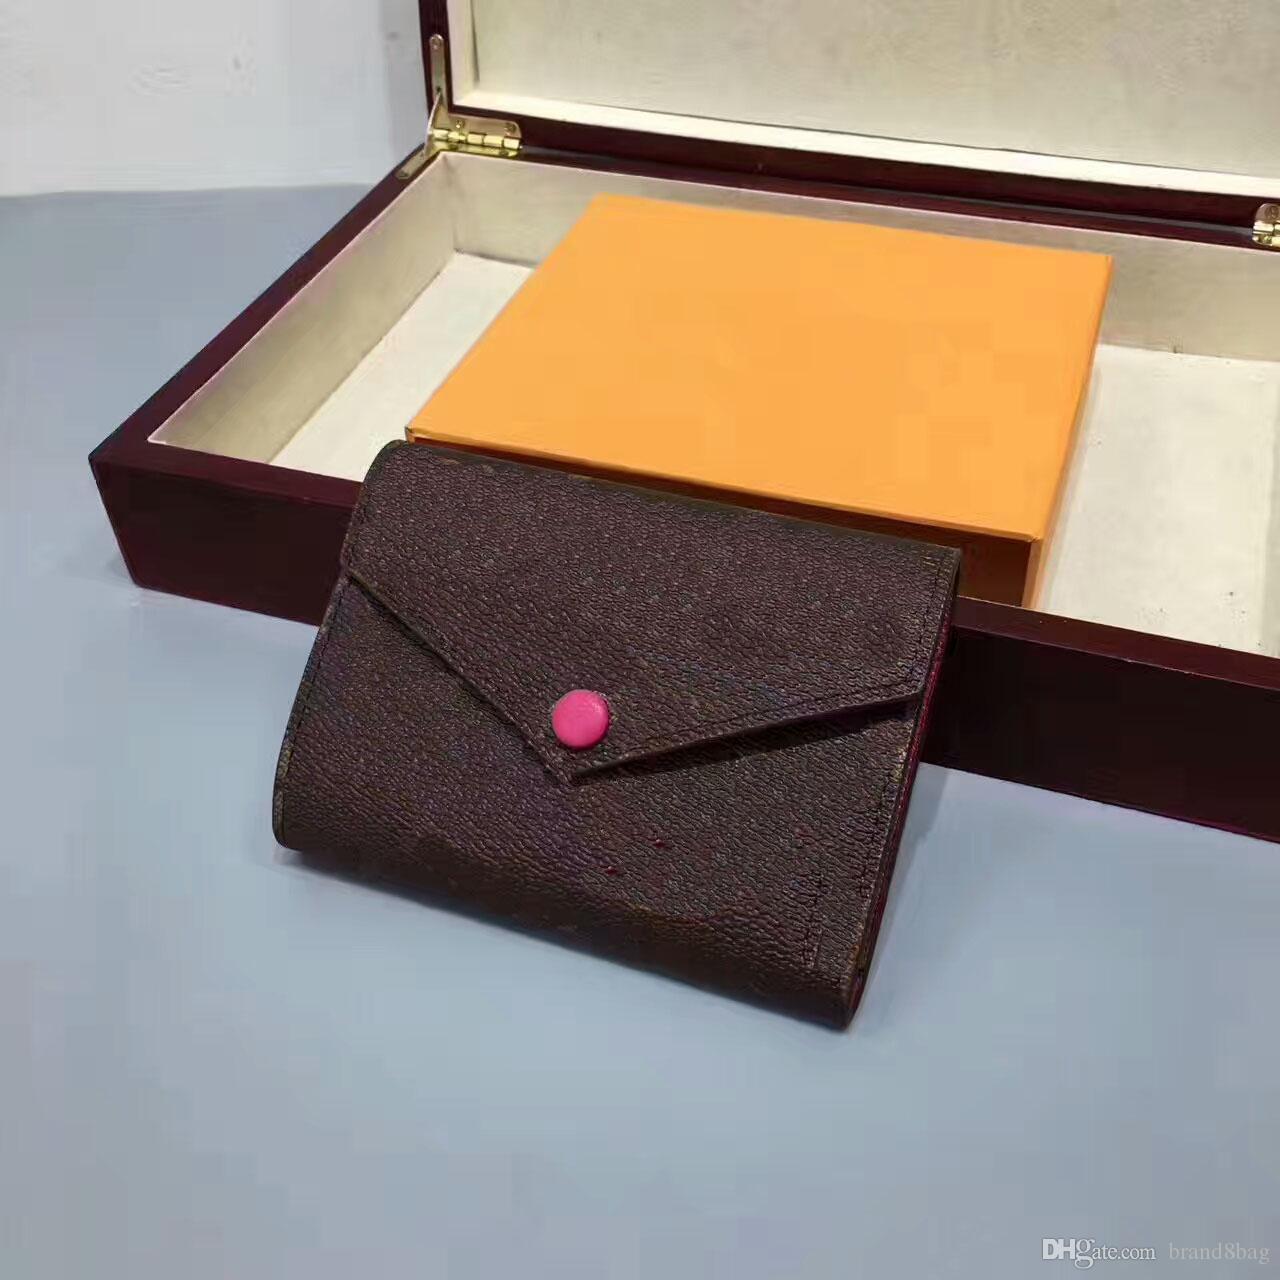 جديد مصمم زر النساء محافظ قصيرة الإناث الأزياء الصفر محفظة النمط الأوروبي سيدة مخلب عارضة مع مربع no29